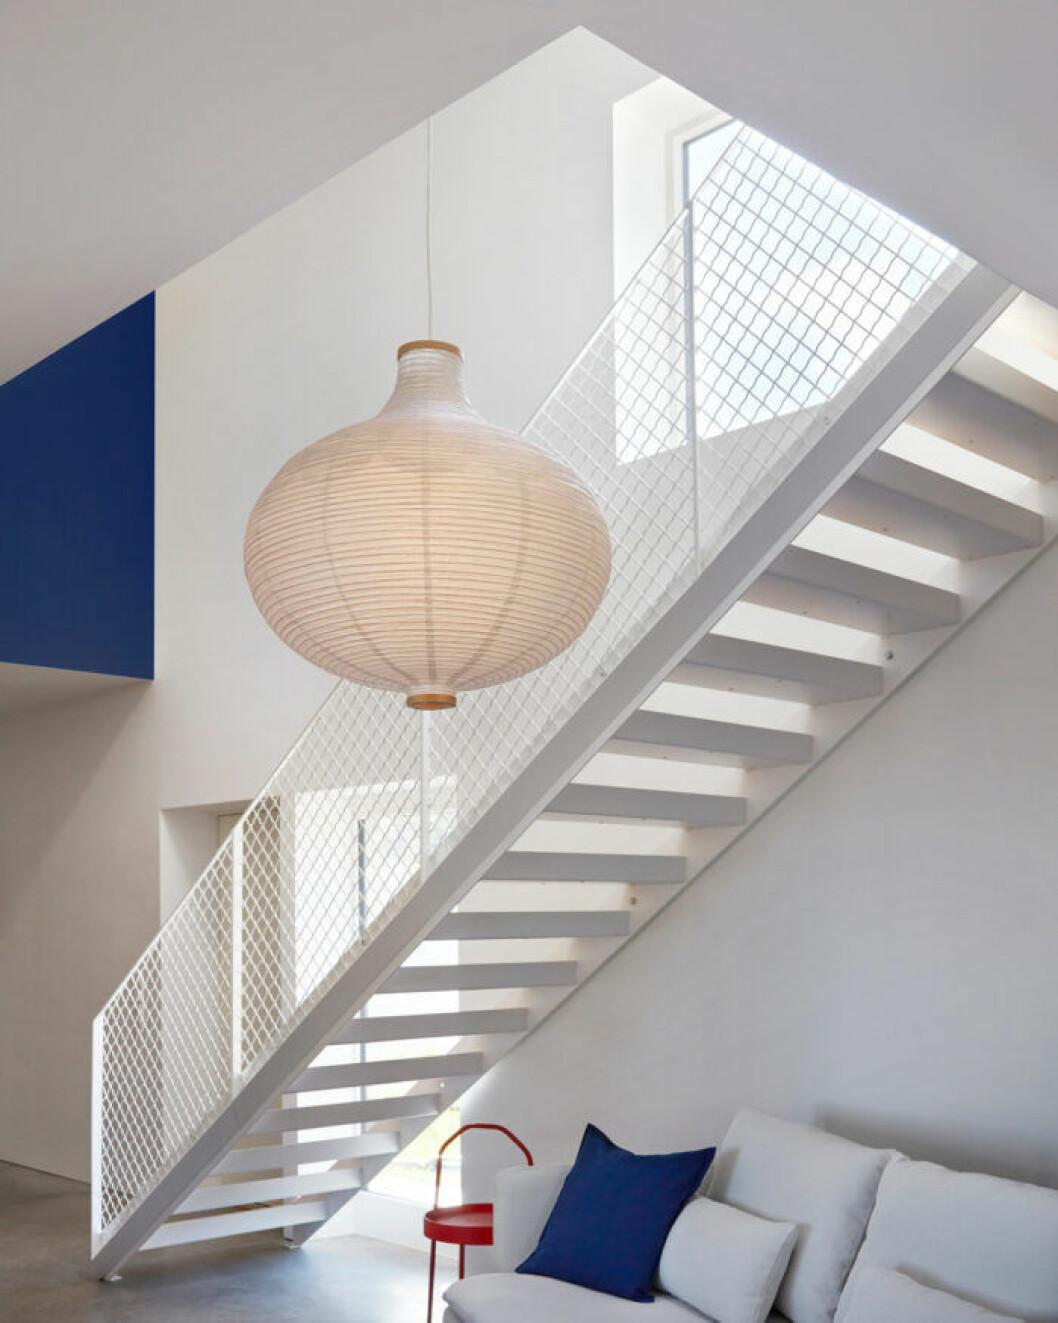 Ikea risbyn taklampa